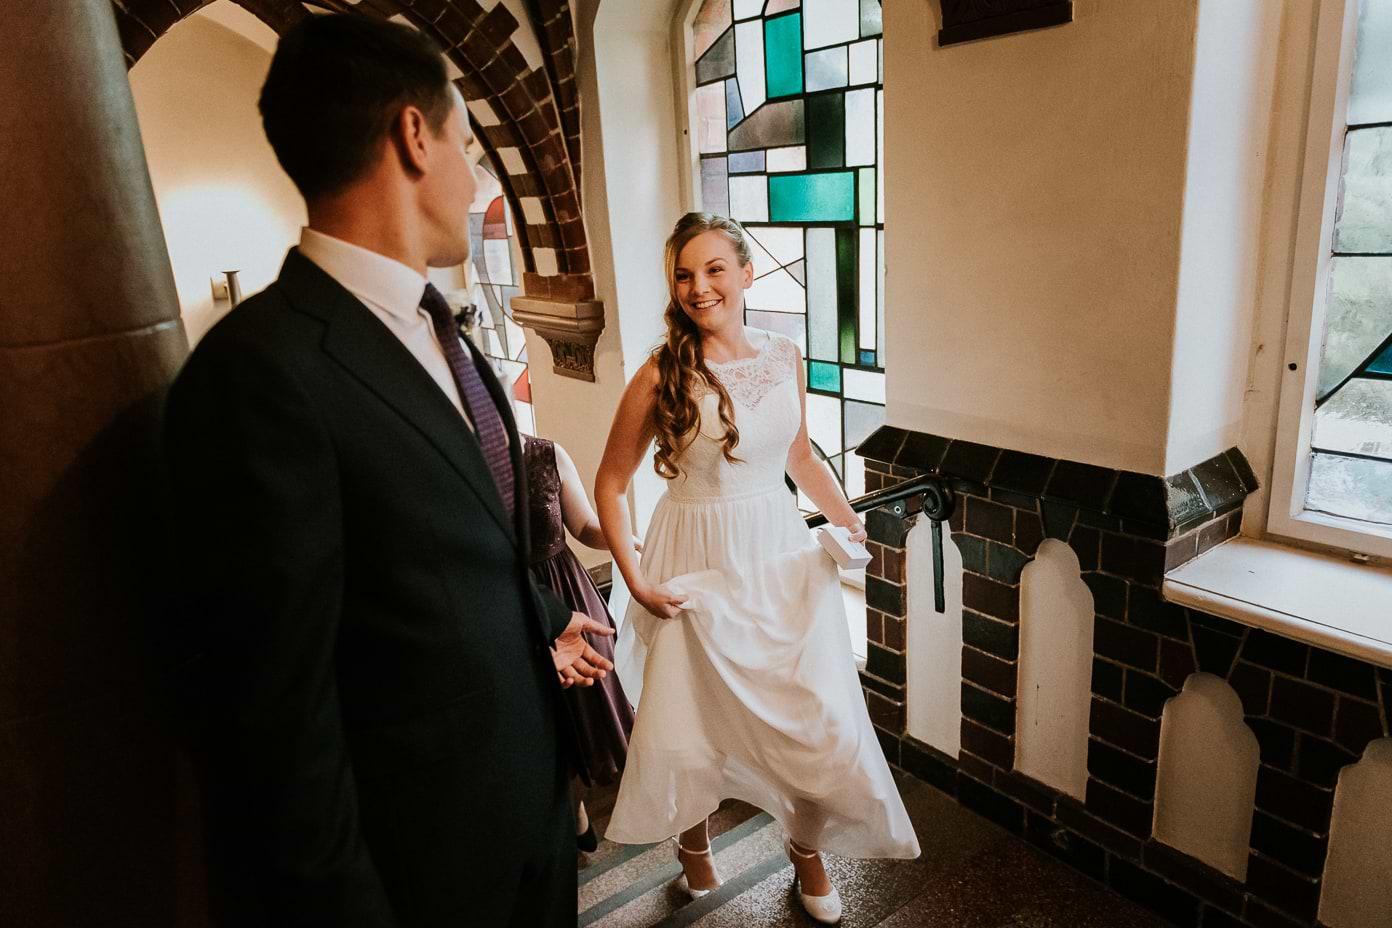 Das Brautpaar schreitet die Treppe im Standesamt hinauf